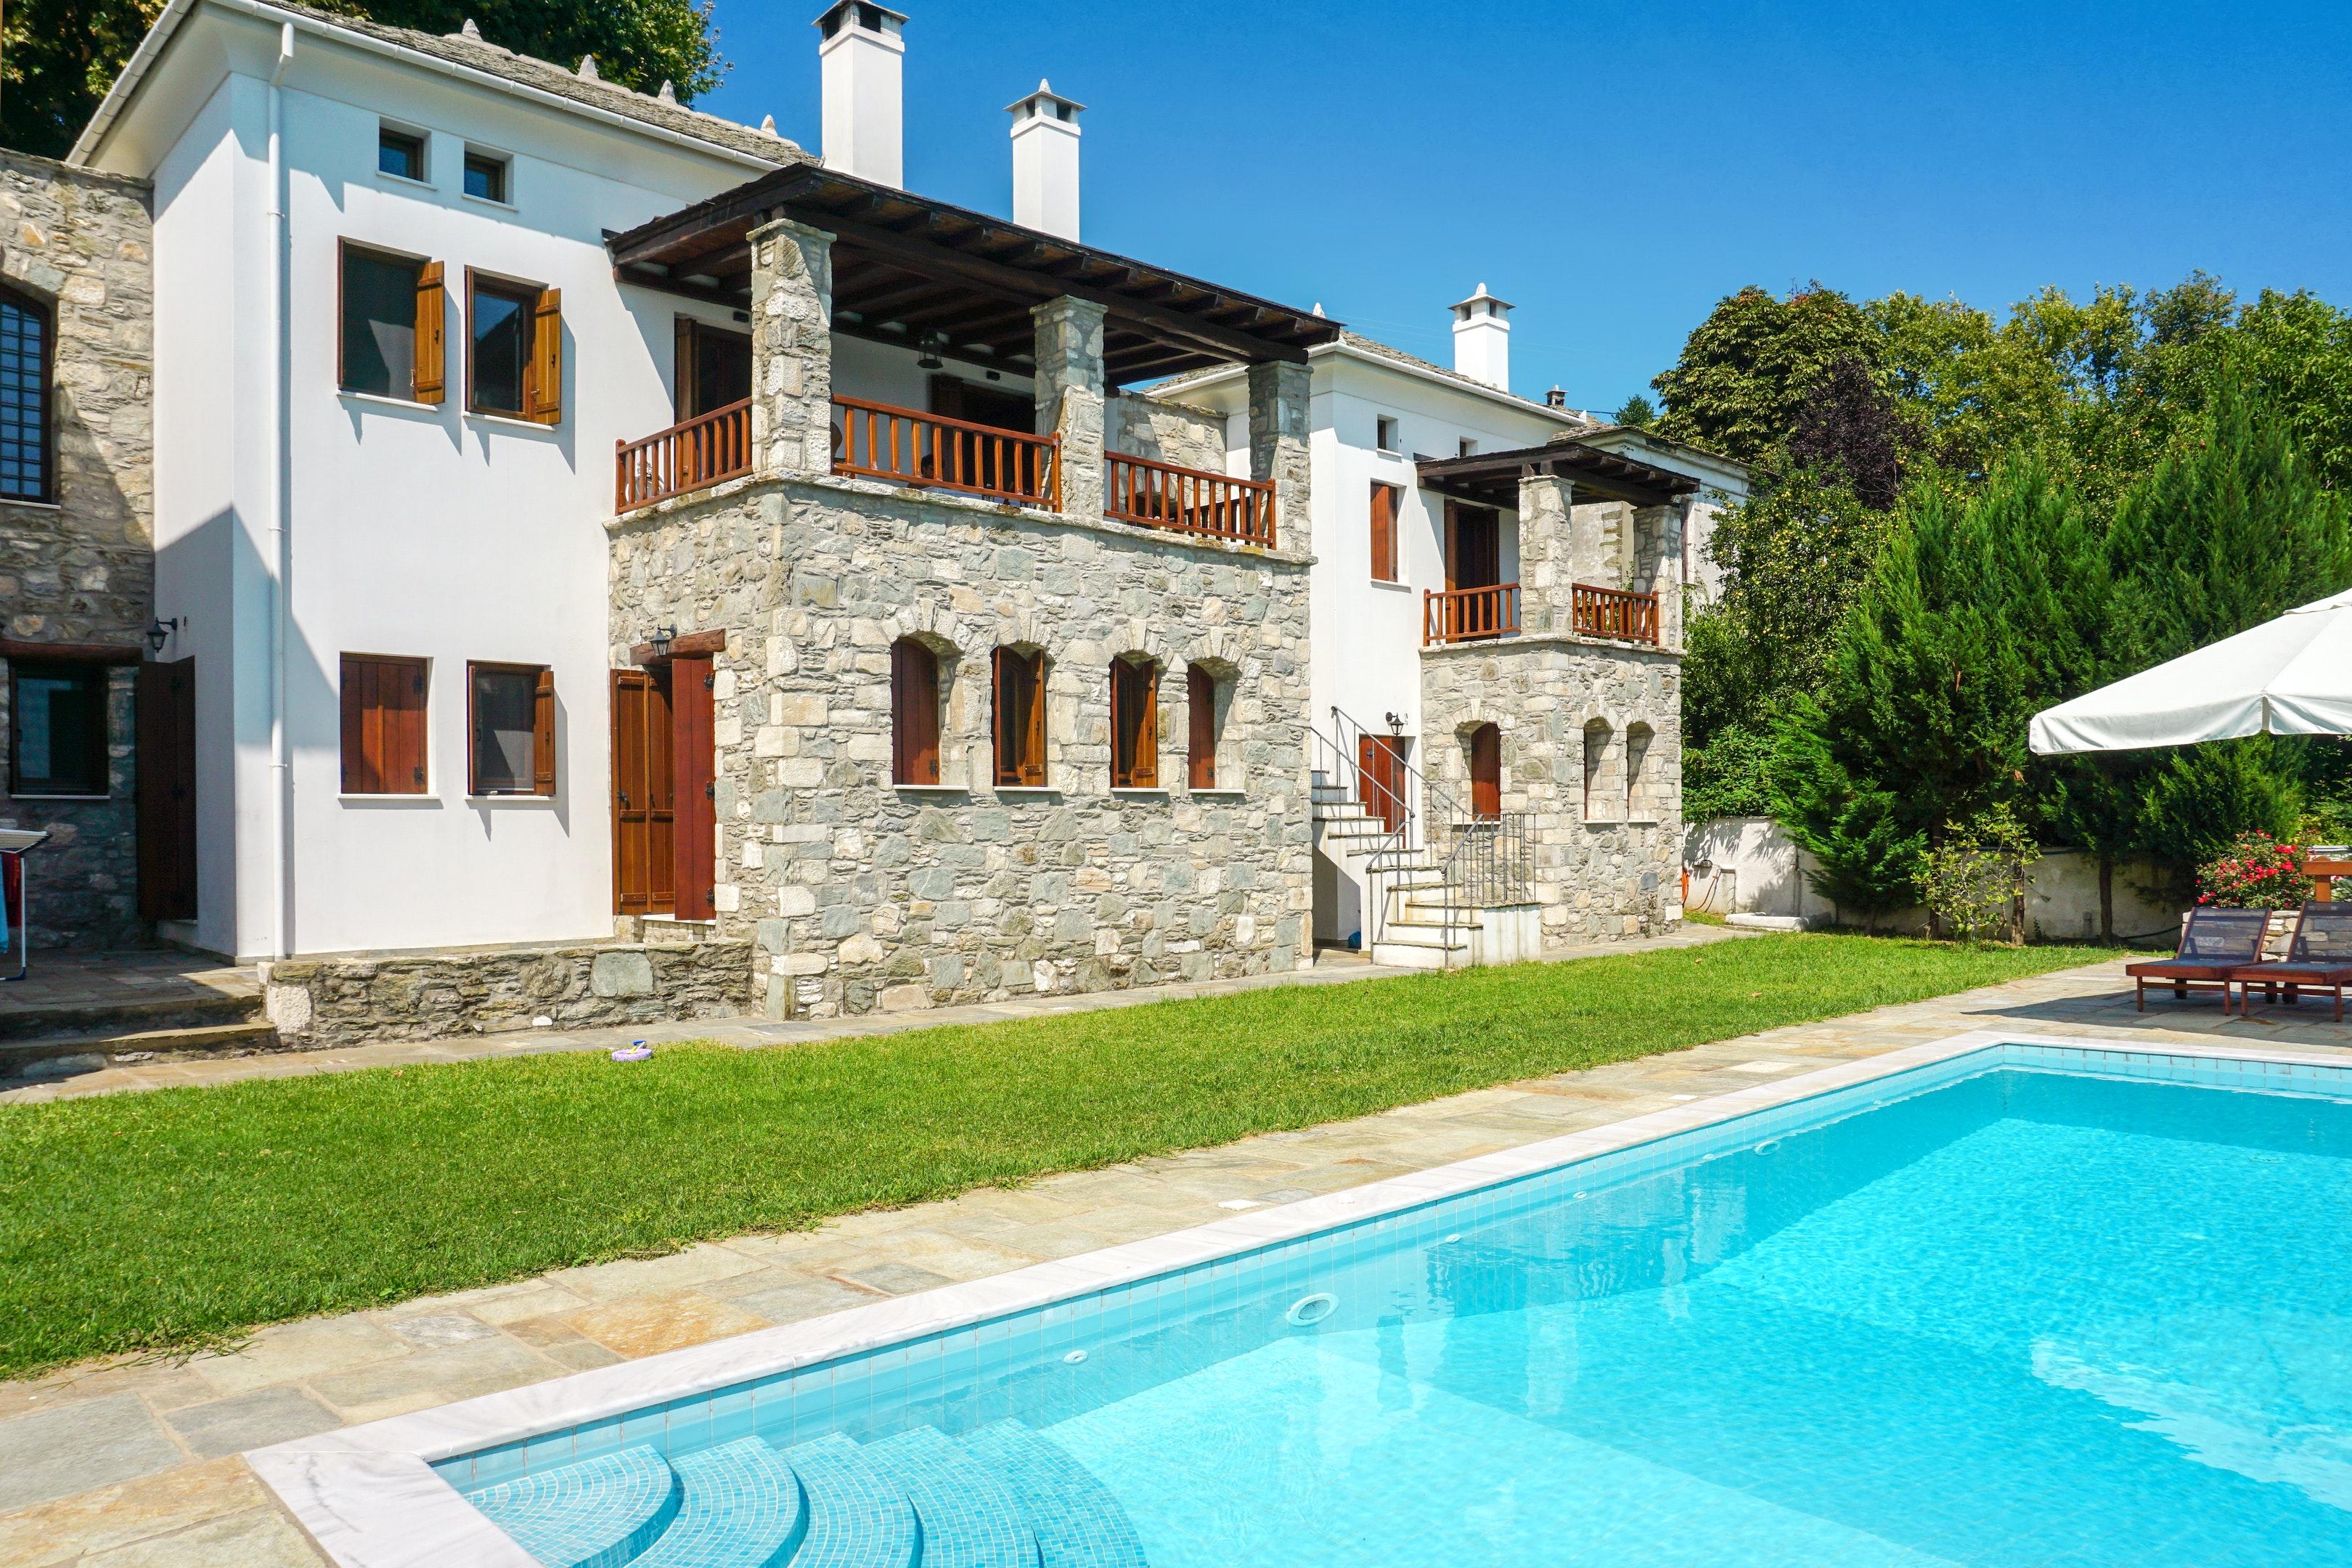 Villa mit 5 Schlafzimmern in mit herrlichem Meerblick privatem Pool eingezäuntem Garten 7 km vom Strand entfernt